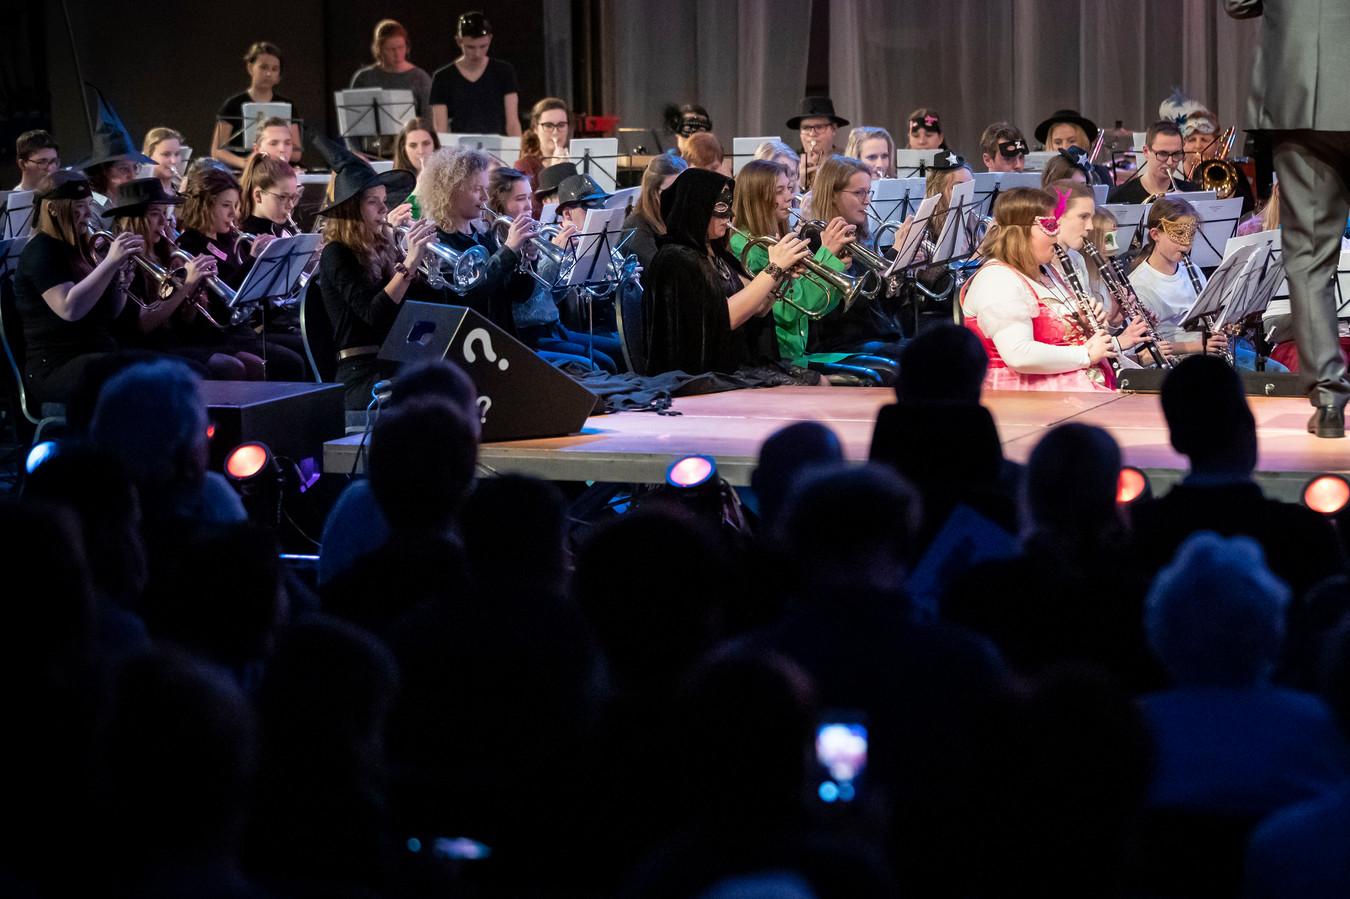 De 36ste Jeugdmuziekdag in Aalst stond in het teken van mysteries, raadsels en illusies.